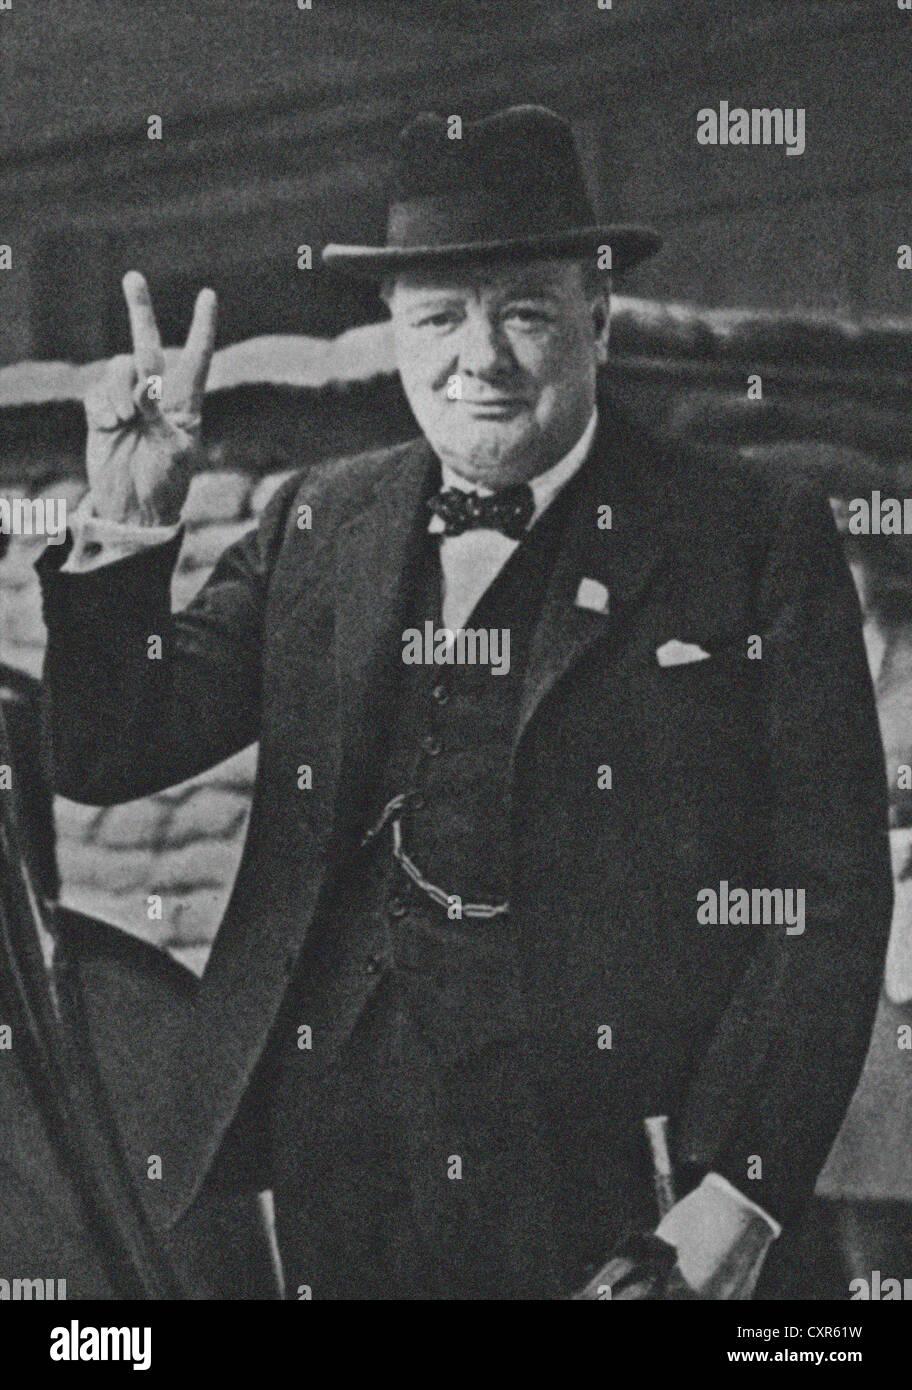 Leader bellico inglese Winston Churchill con il suo famoso V per la  vittoria di segno. Immagine da archivio di stampa Ritratto Service (ex  premere Portait ... 2e226c114350